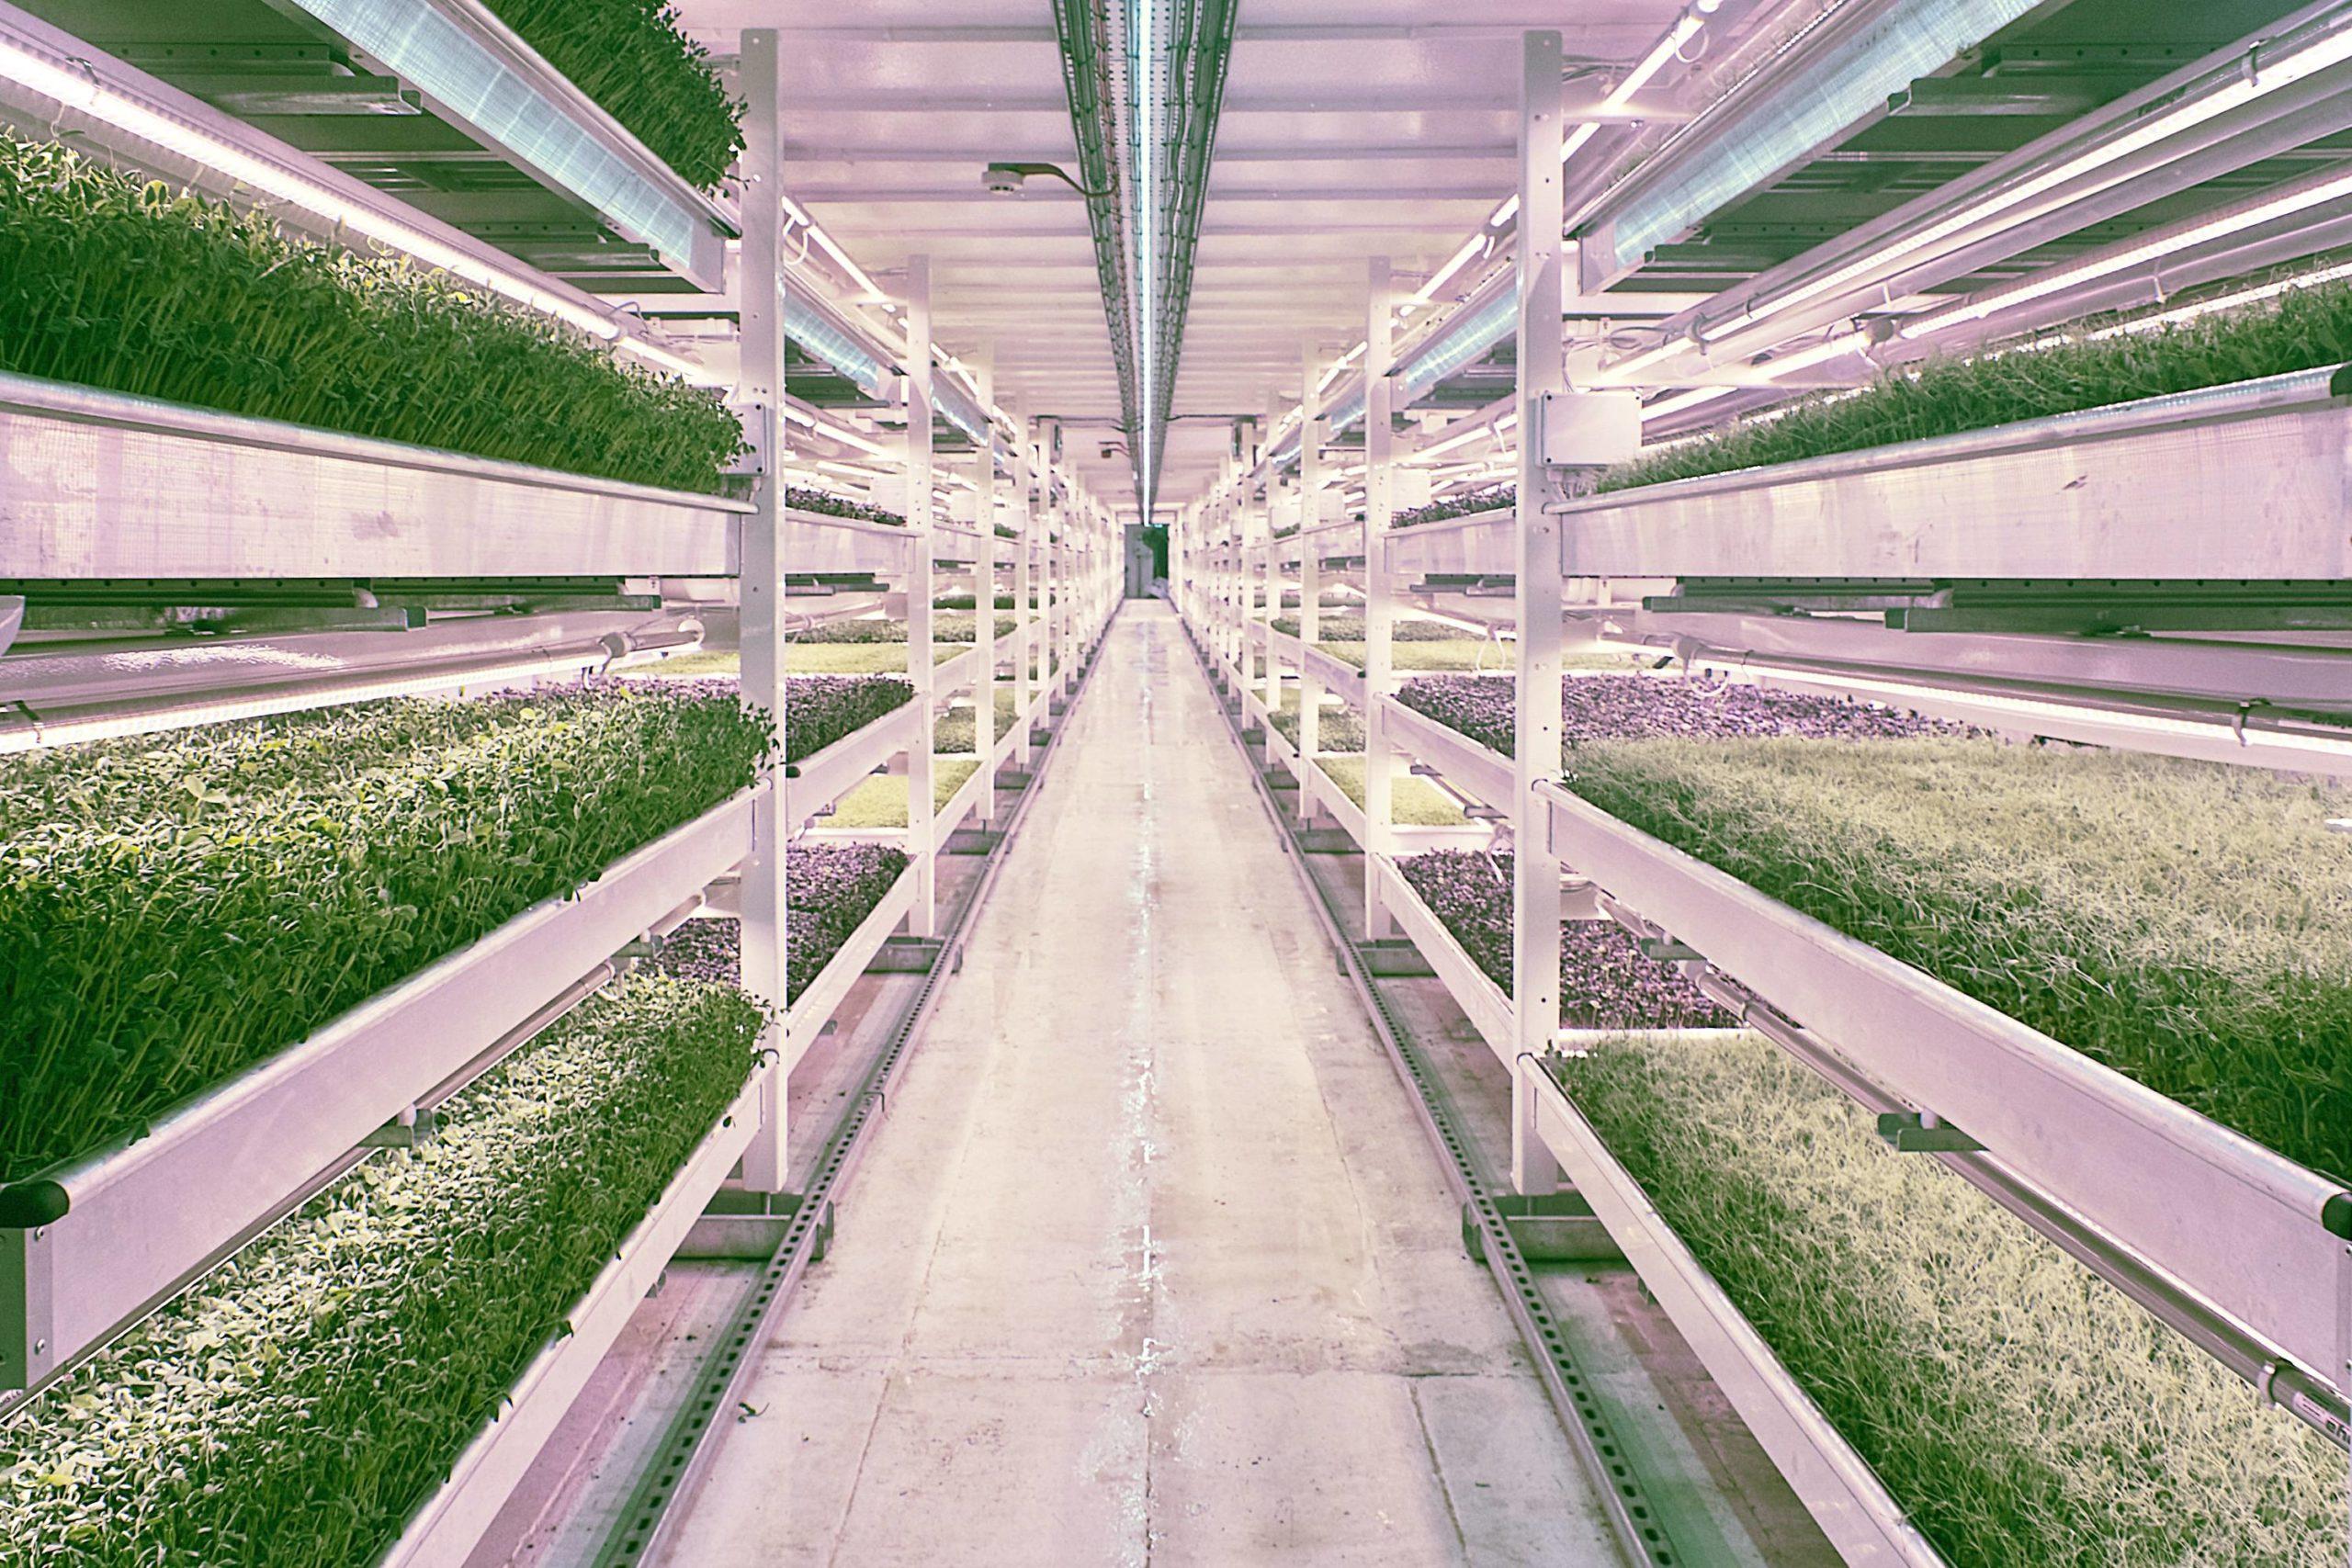 Салат переживет изменение климата. Но какой ценой?